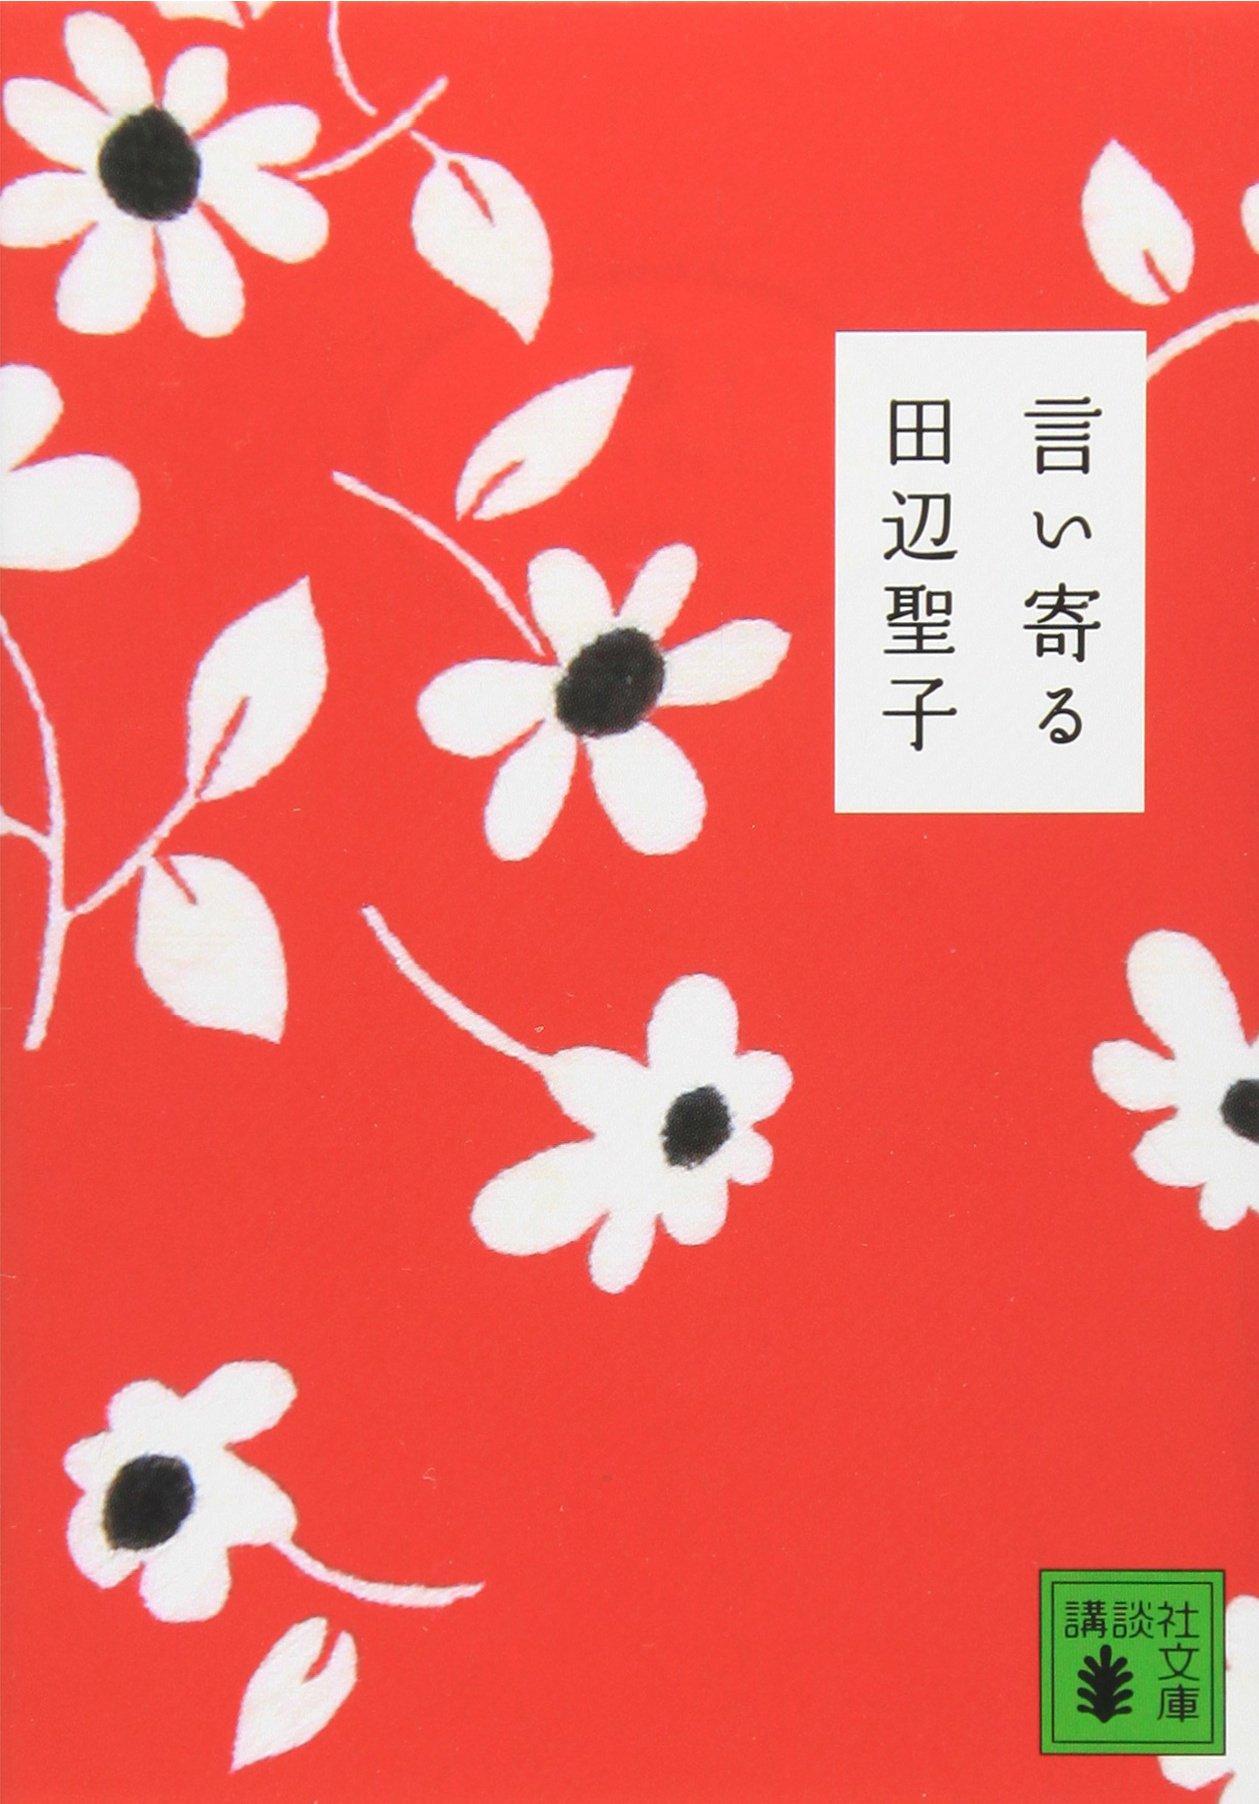 言い寄る (講談社文庫) | 田辺 聖子 |本 | 通販 | Amazon